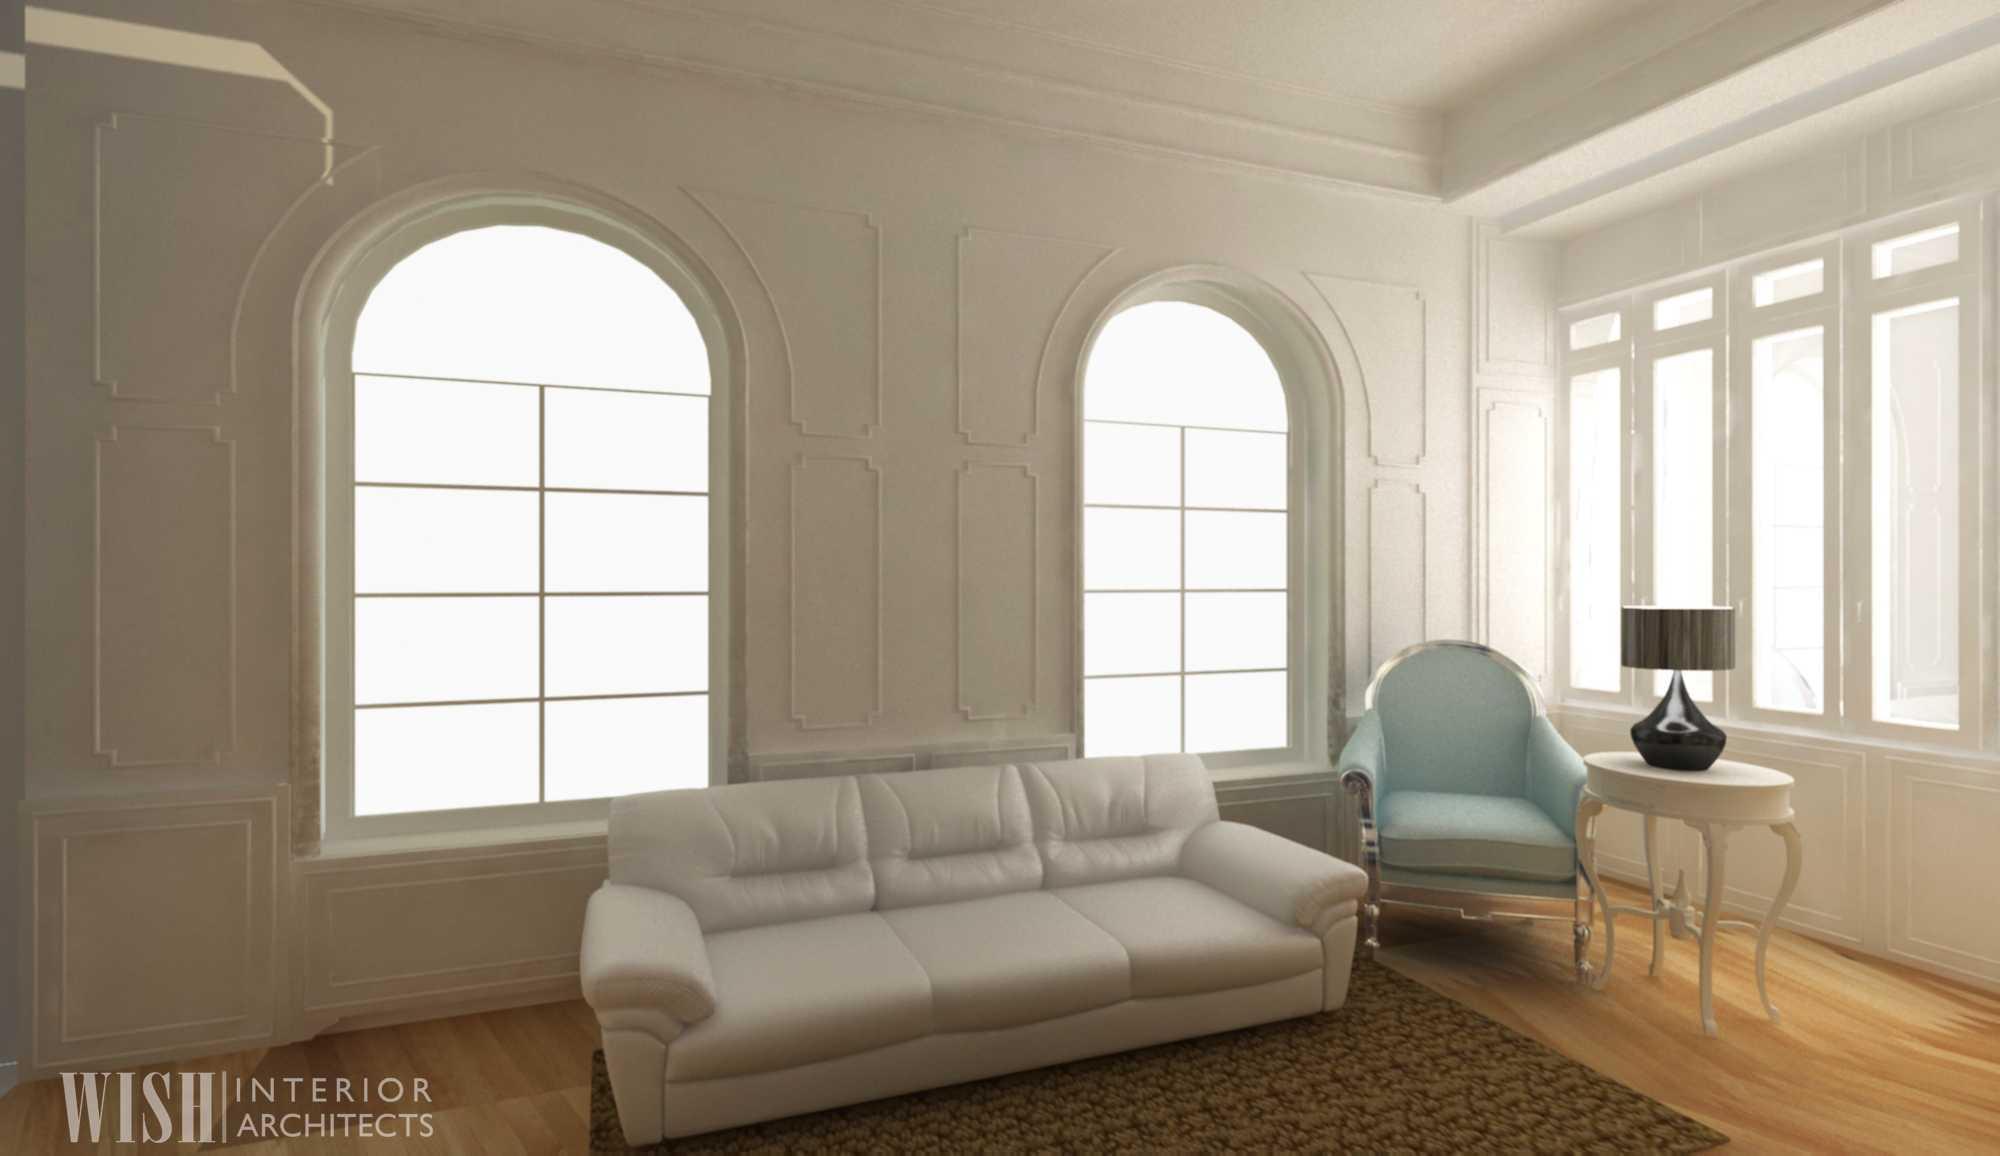 Wish Interior+Architects Bedroom  Pekanbaru, Riau Pekanbaru, Riau Seating Area   20622